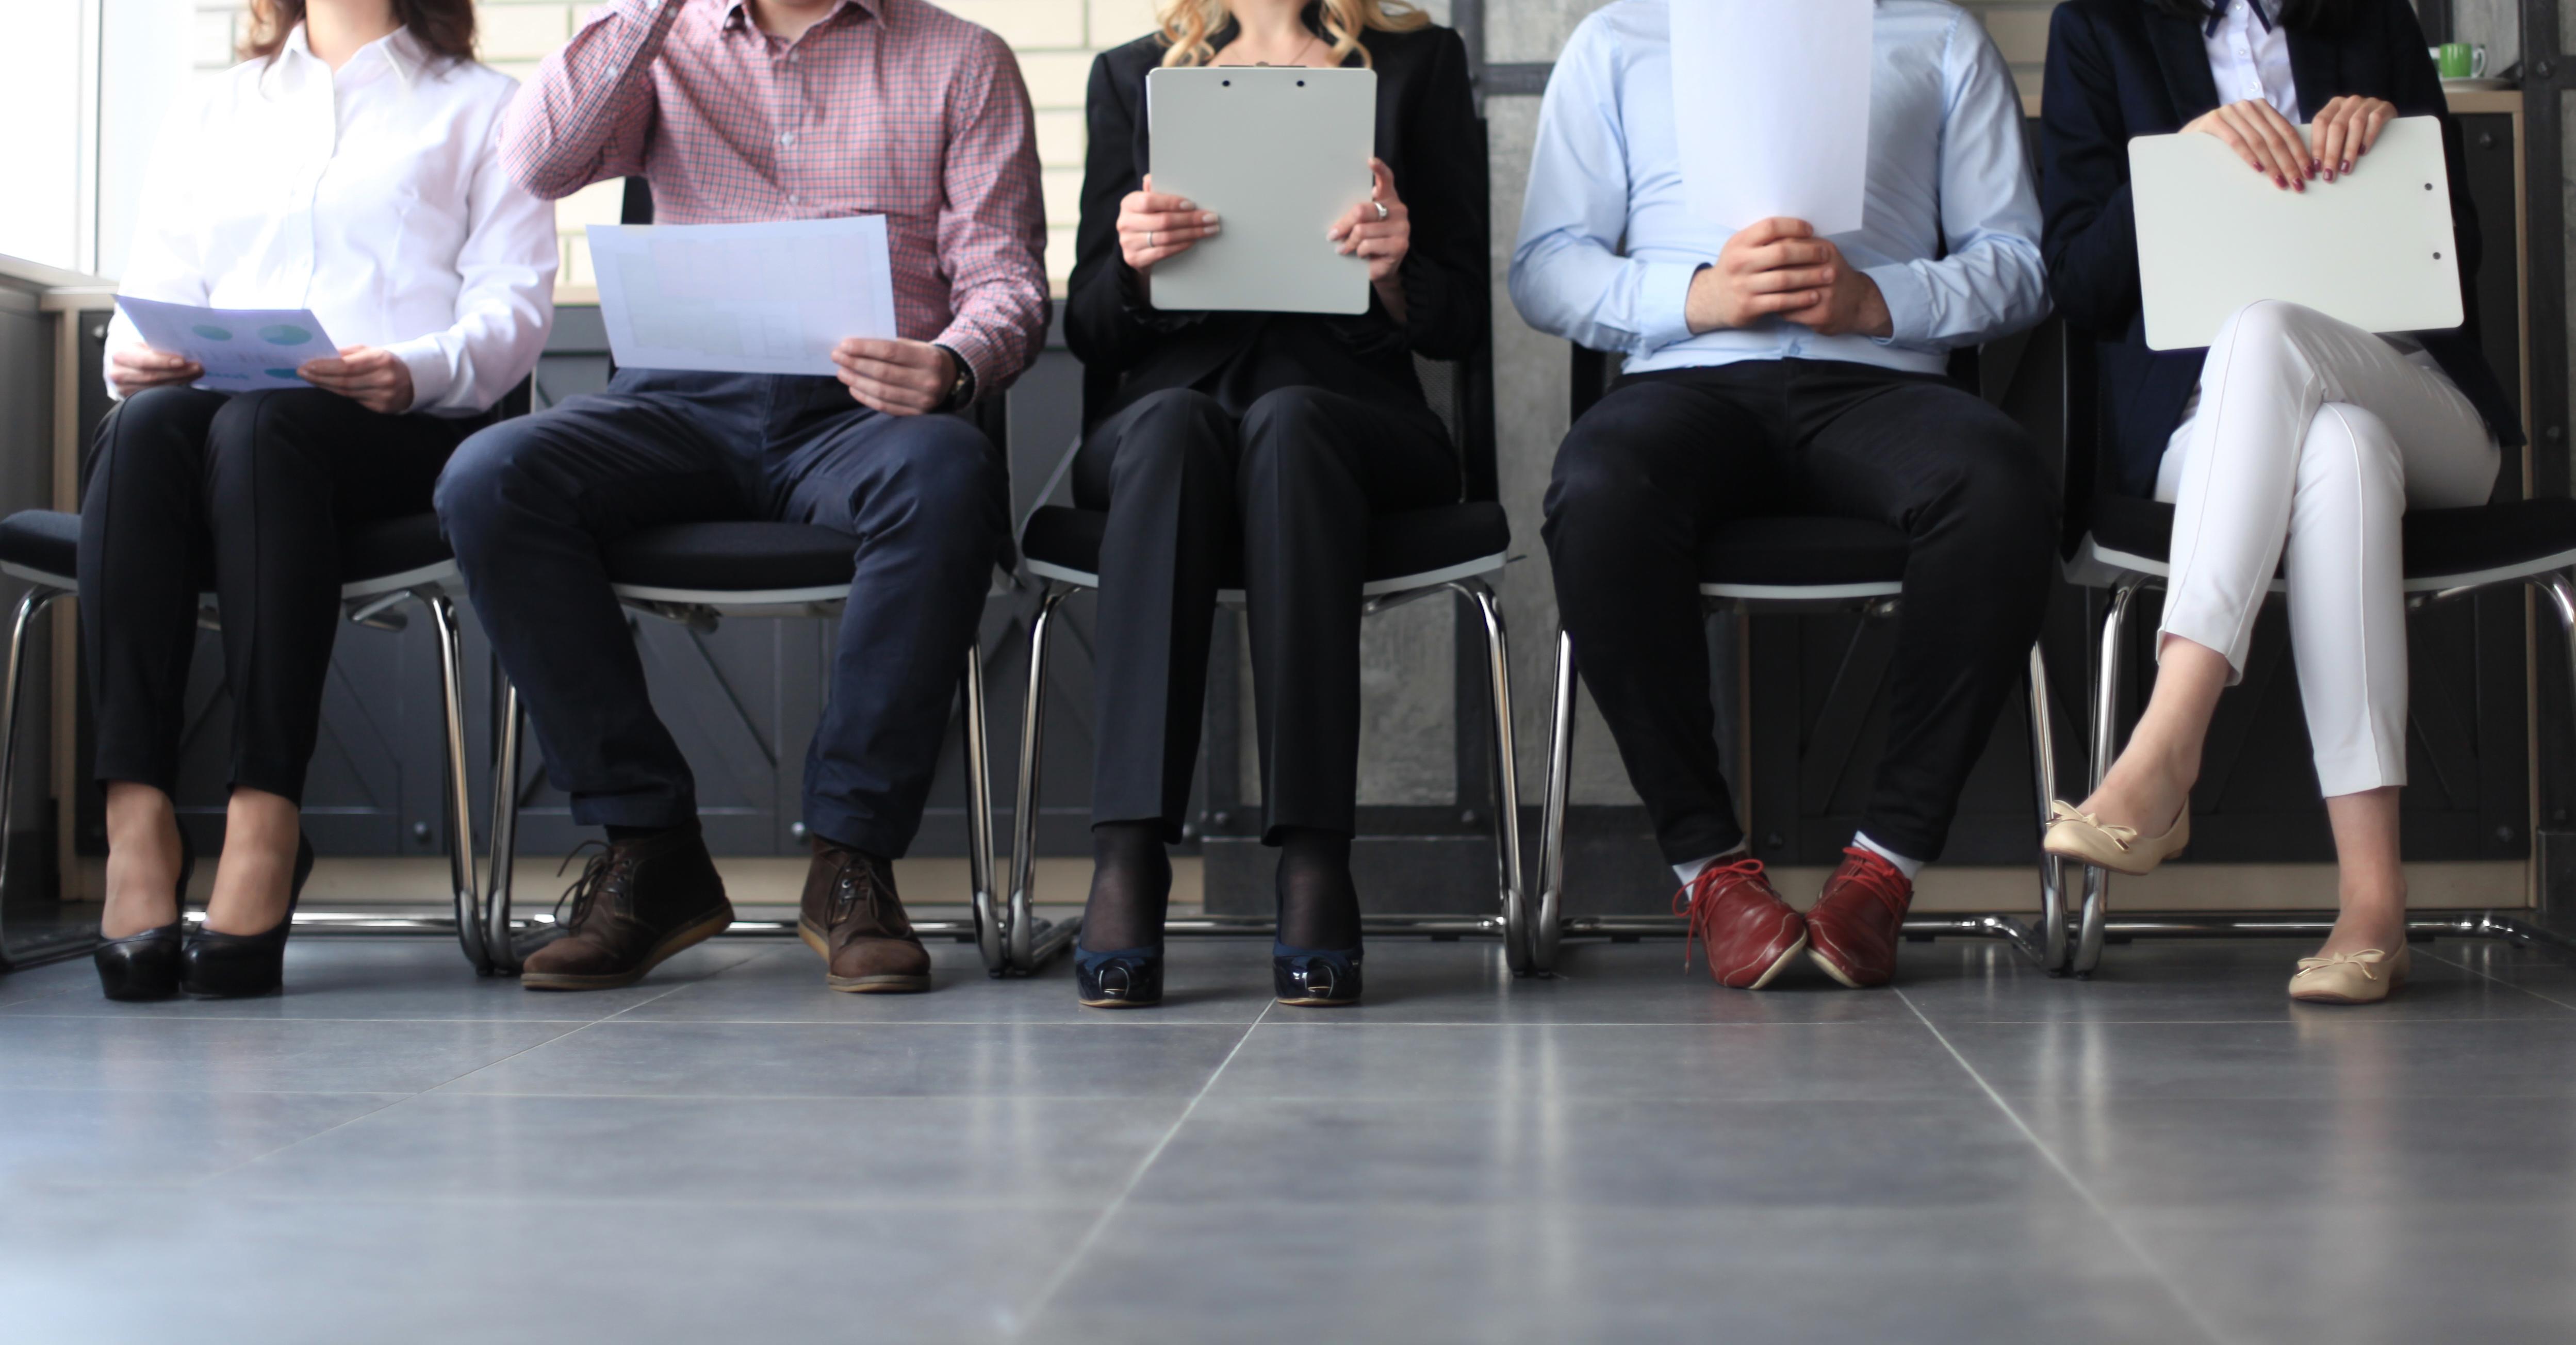 Söka jobb i Stockholm | Biztrends